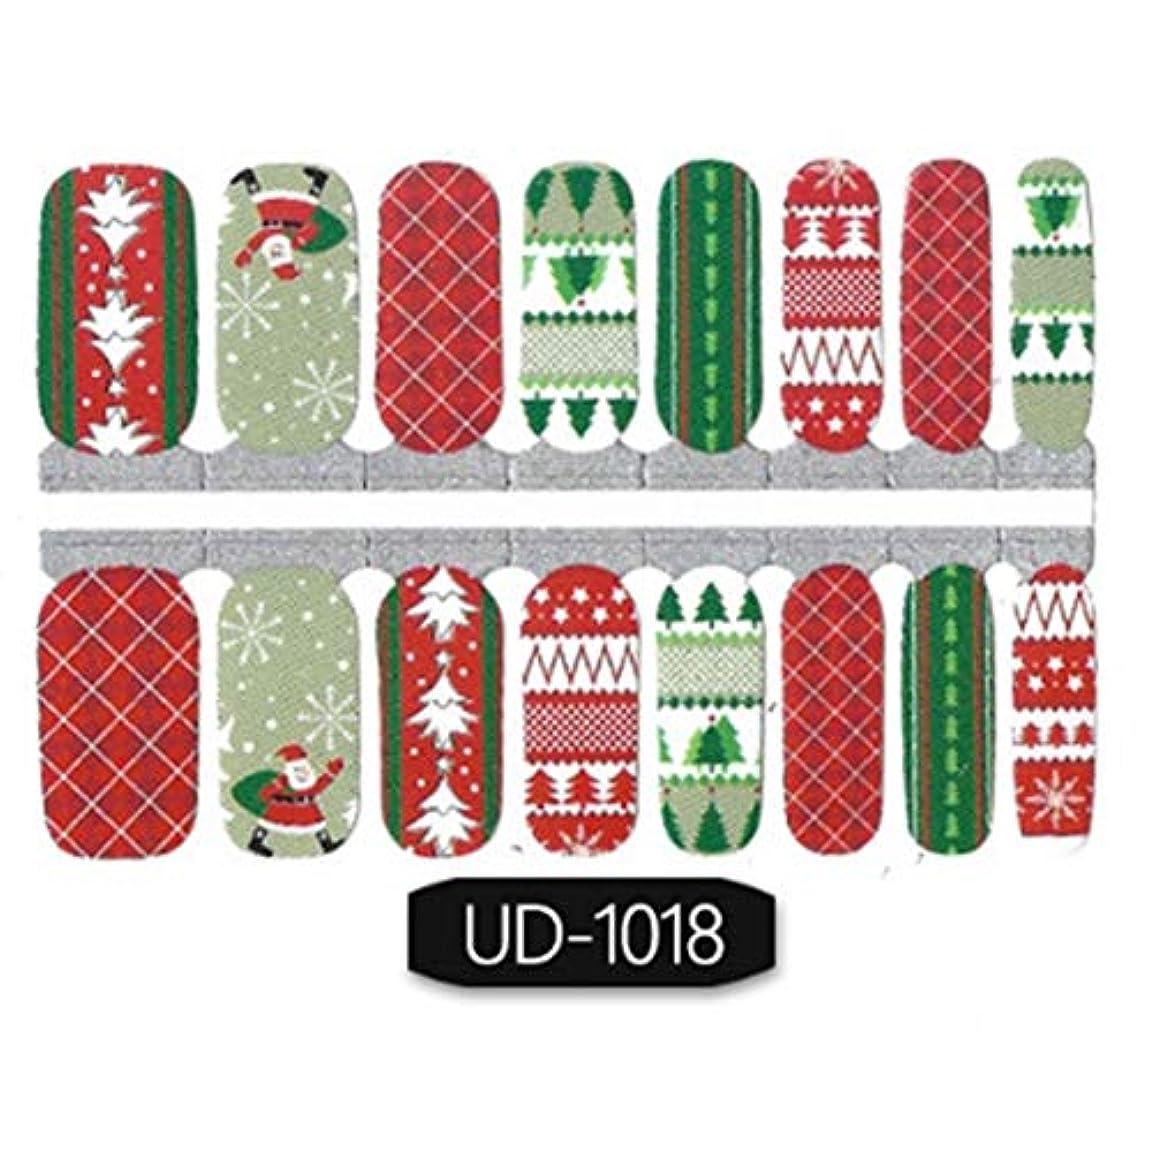 マエストロペンス近傍ACHICOO ネイルシール ステッカー セット 16パターン クリスマス 粘着紙 デコレーション 超可愛い オシャレ UD-1018 通常の仕様